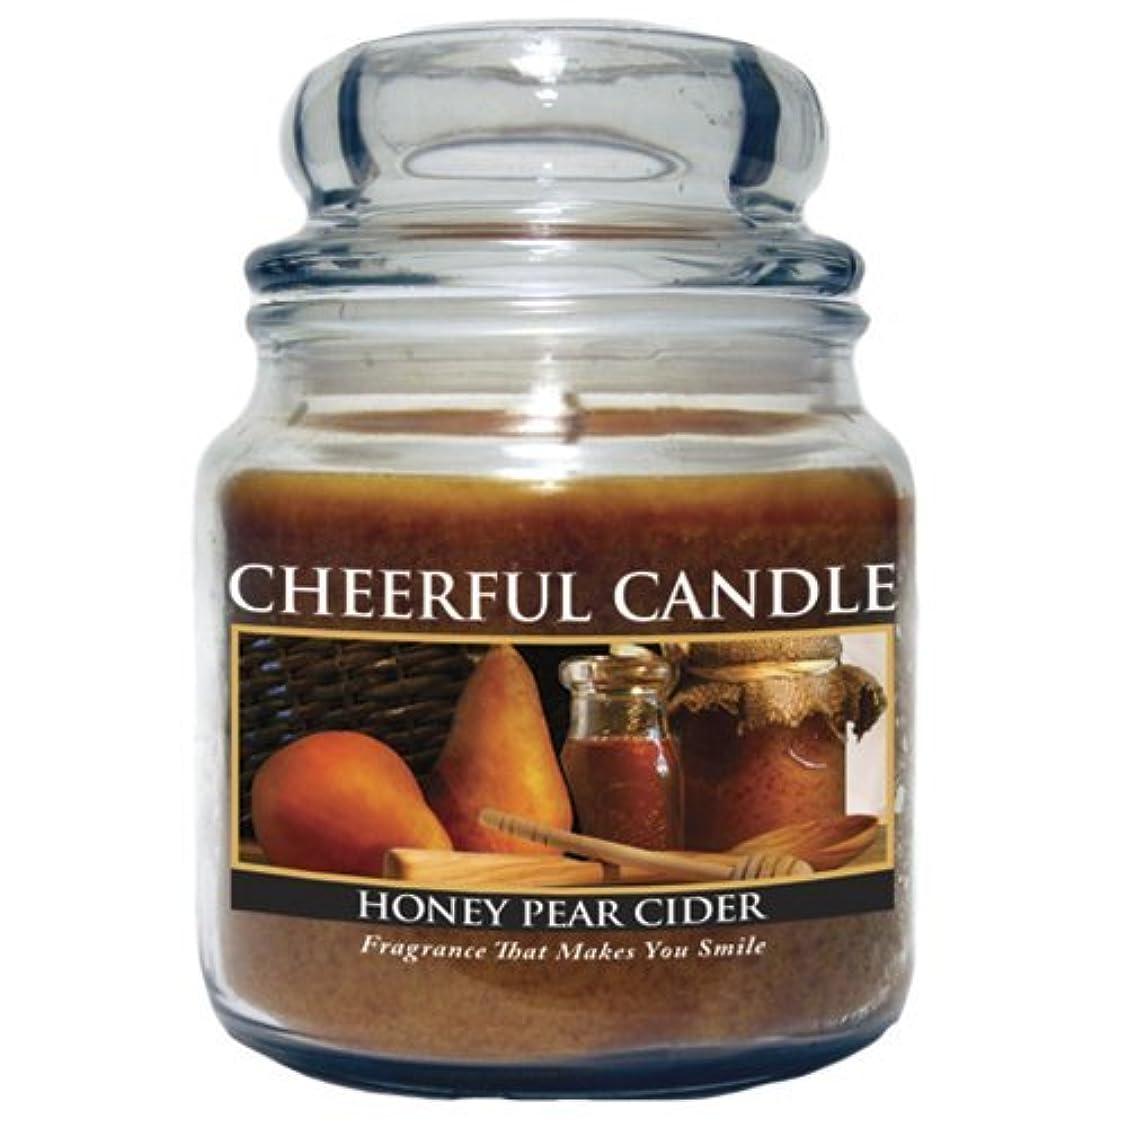 量ヒロイックいくつかのA Cheerful Giver Honey Pear Cider Jar Candle, 24-Ounce by Cheerful Giver [並行輸入品]